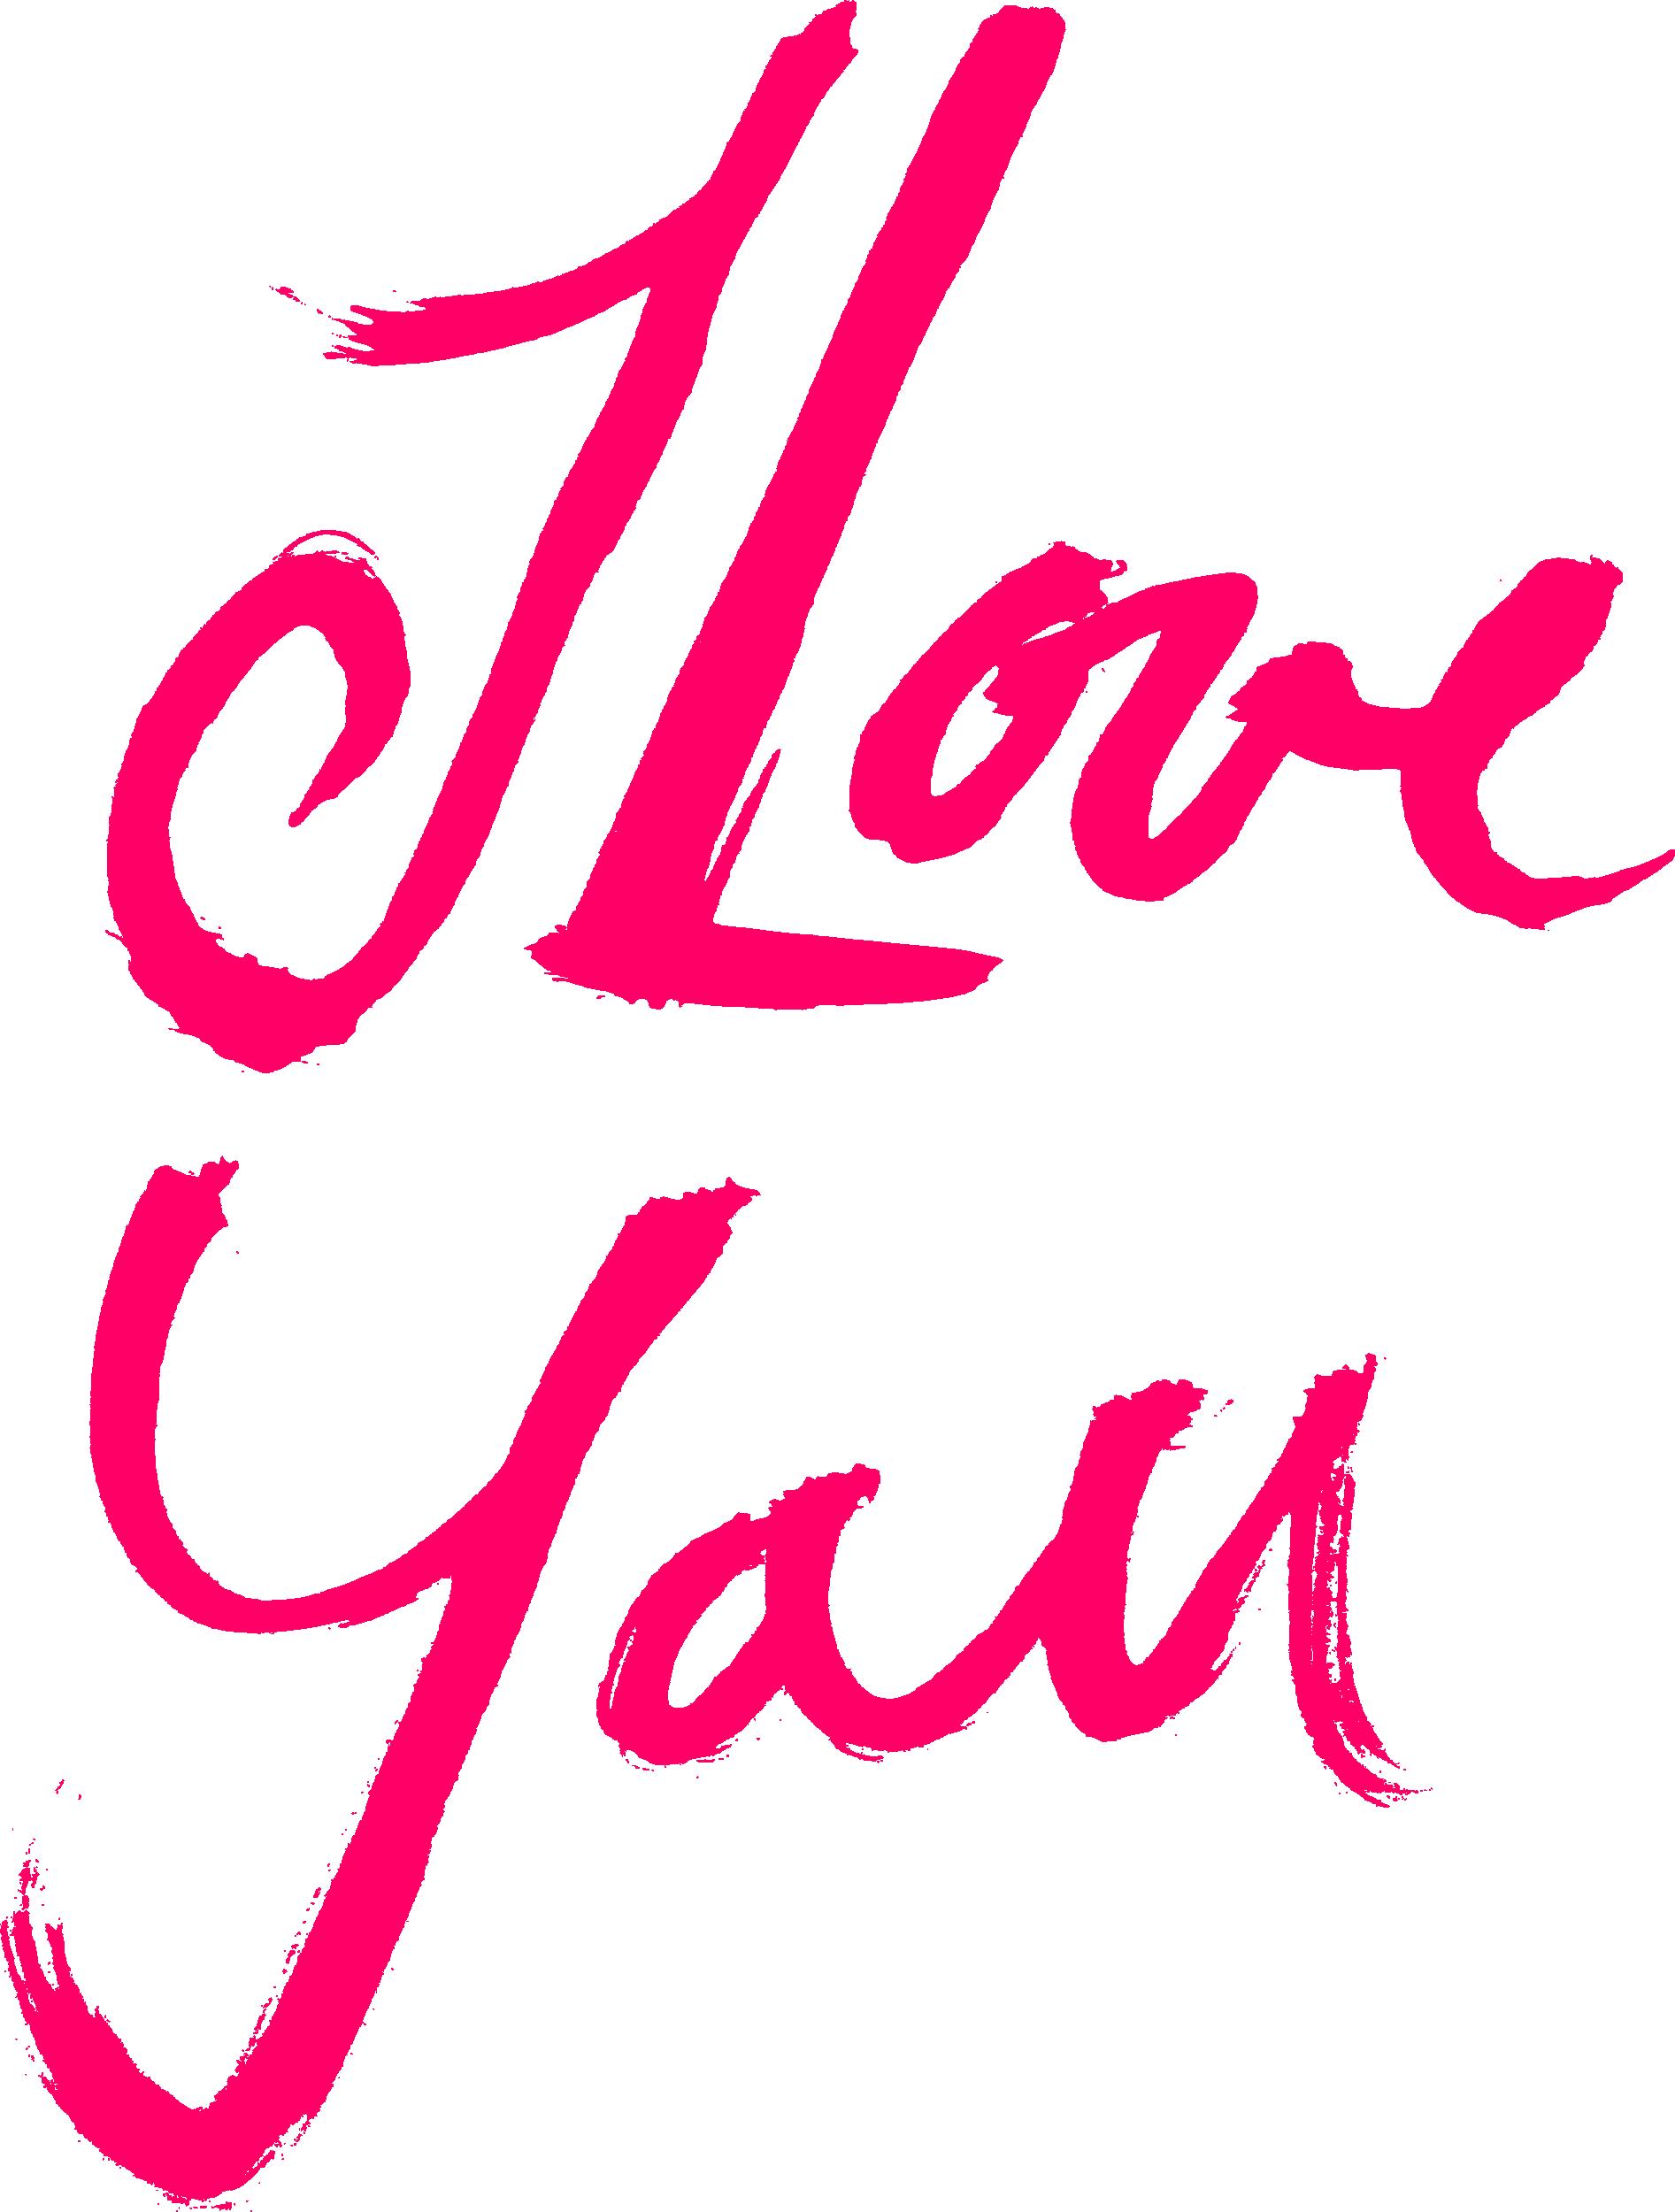 Hình ảnh chữ I Love You dễ thương nhất